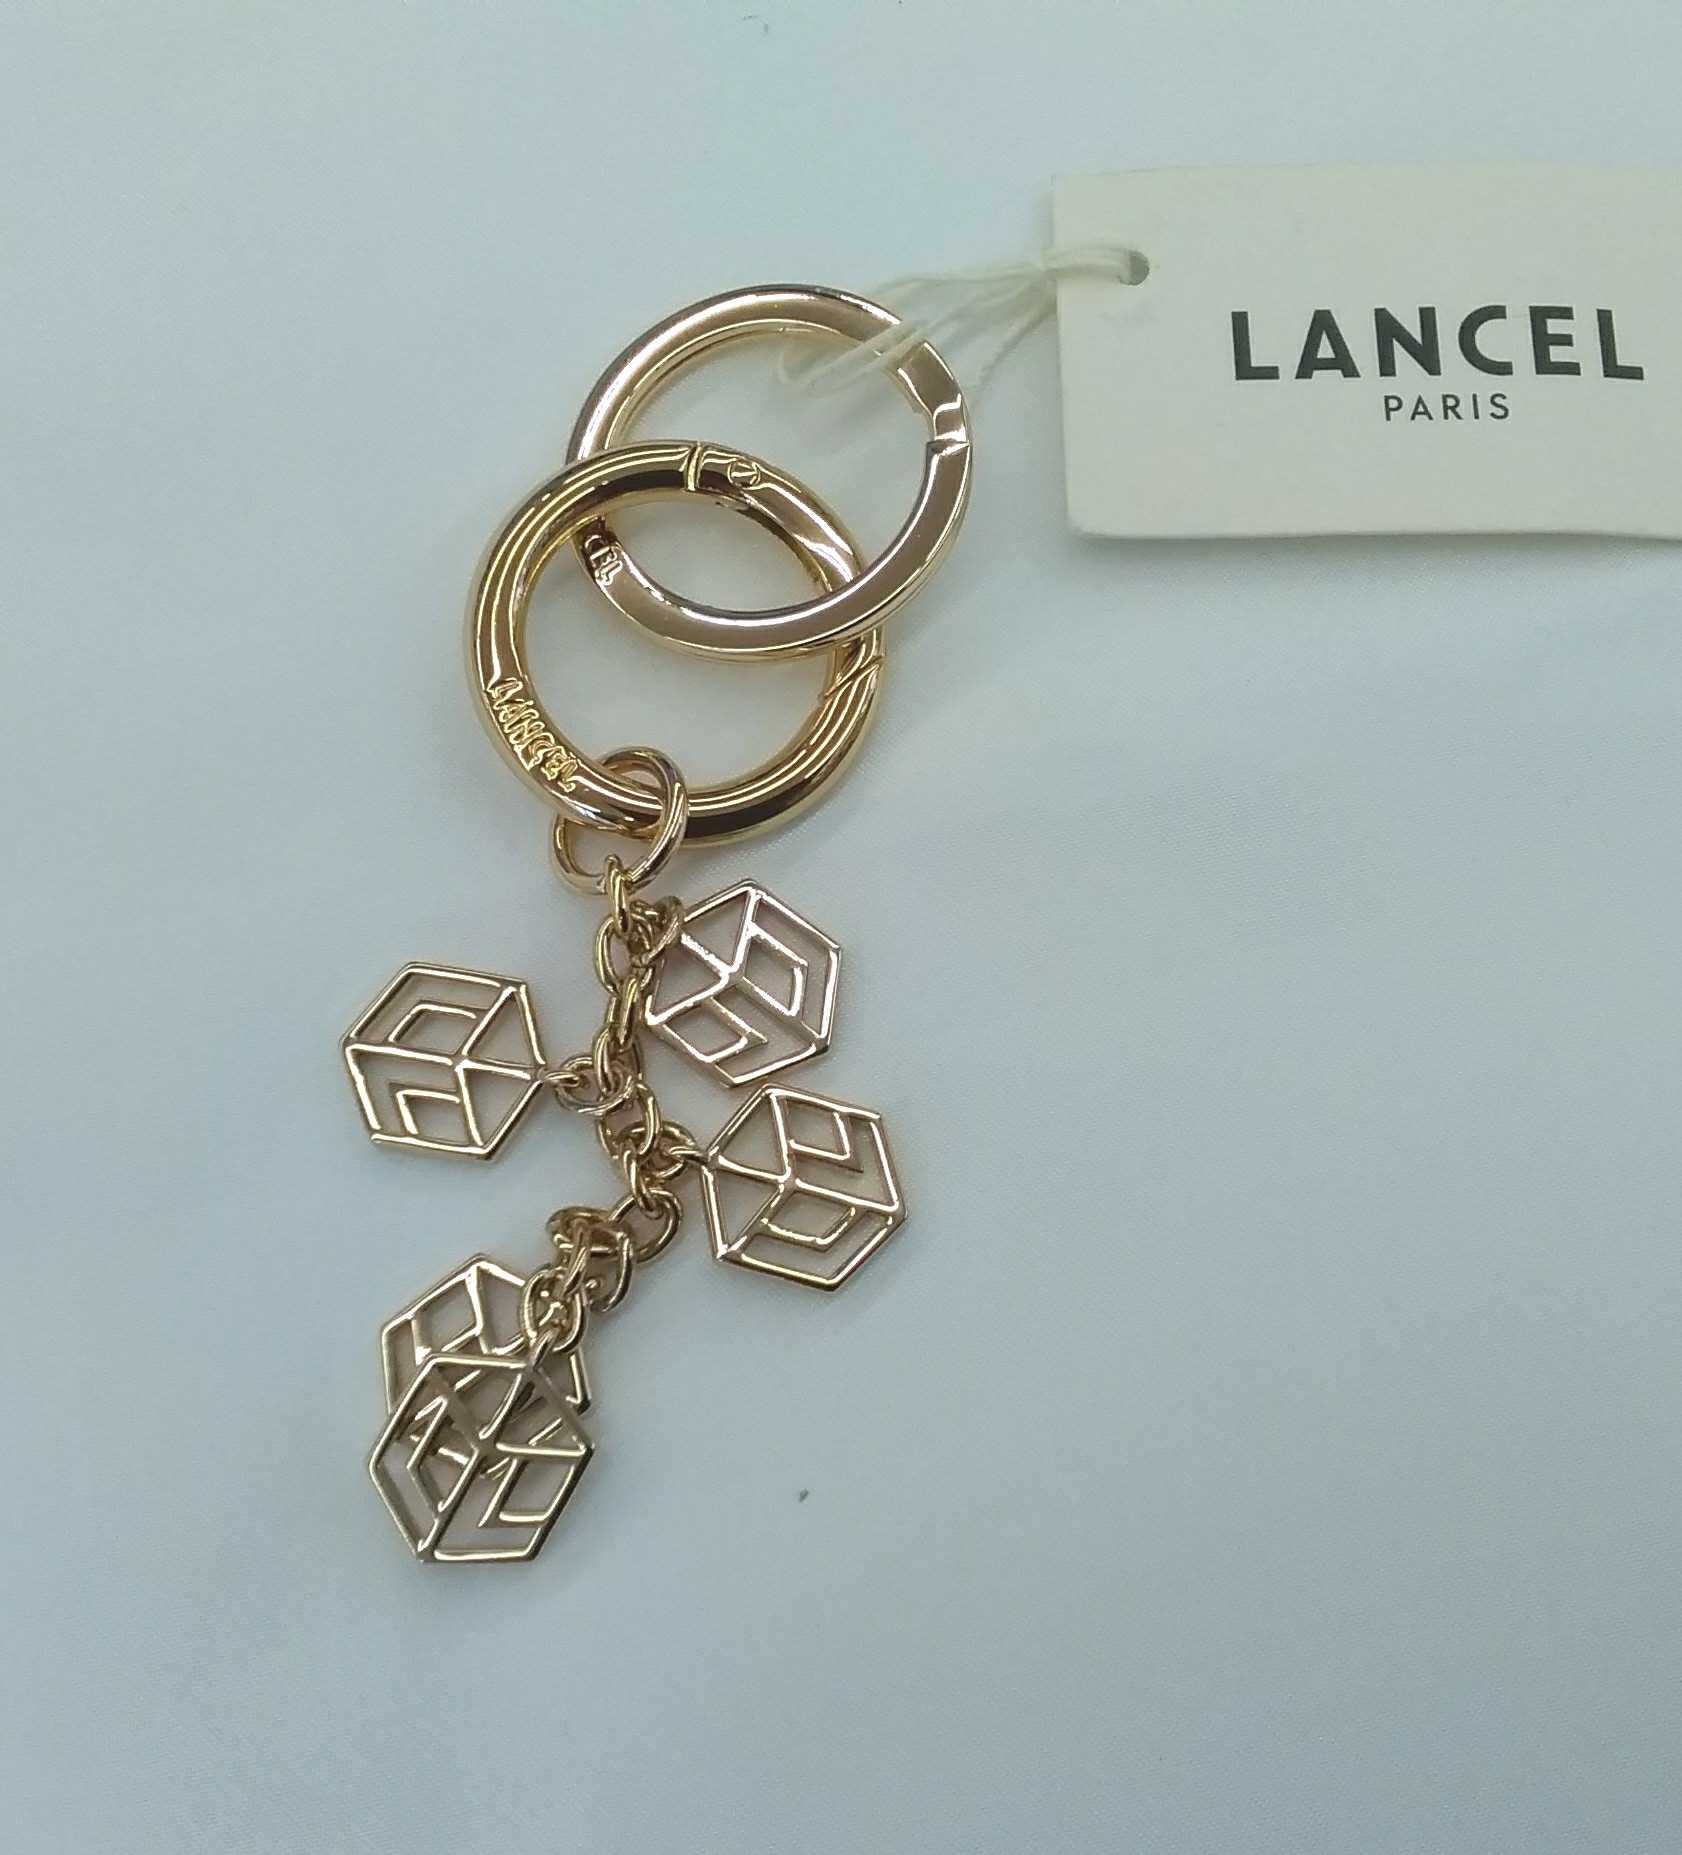 ランセル キーホルダー 【美品】|LANCEL